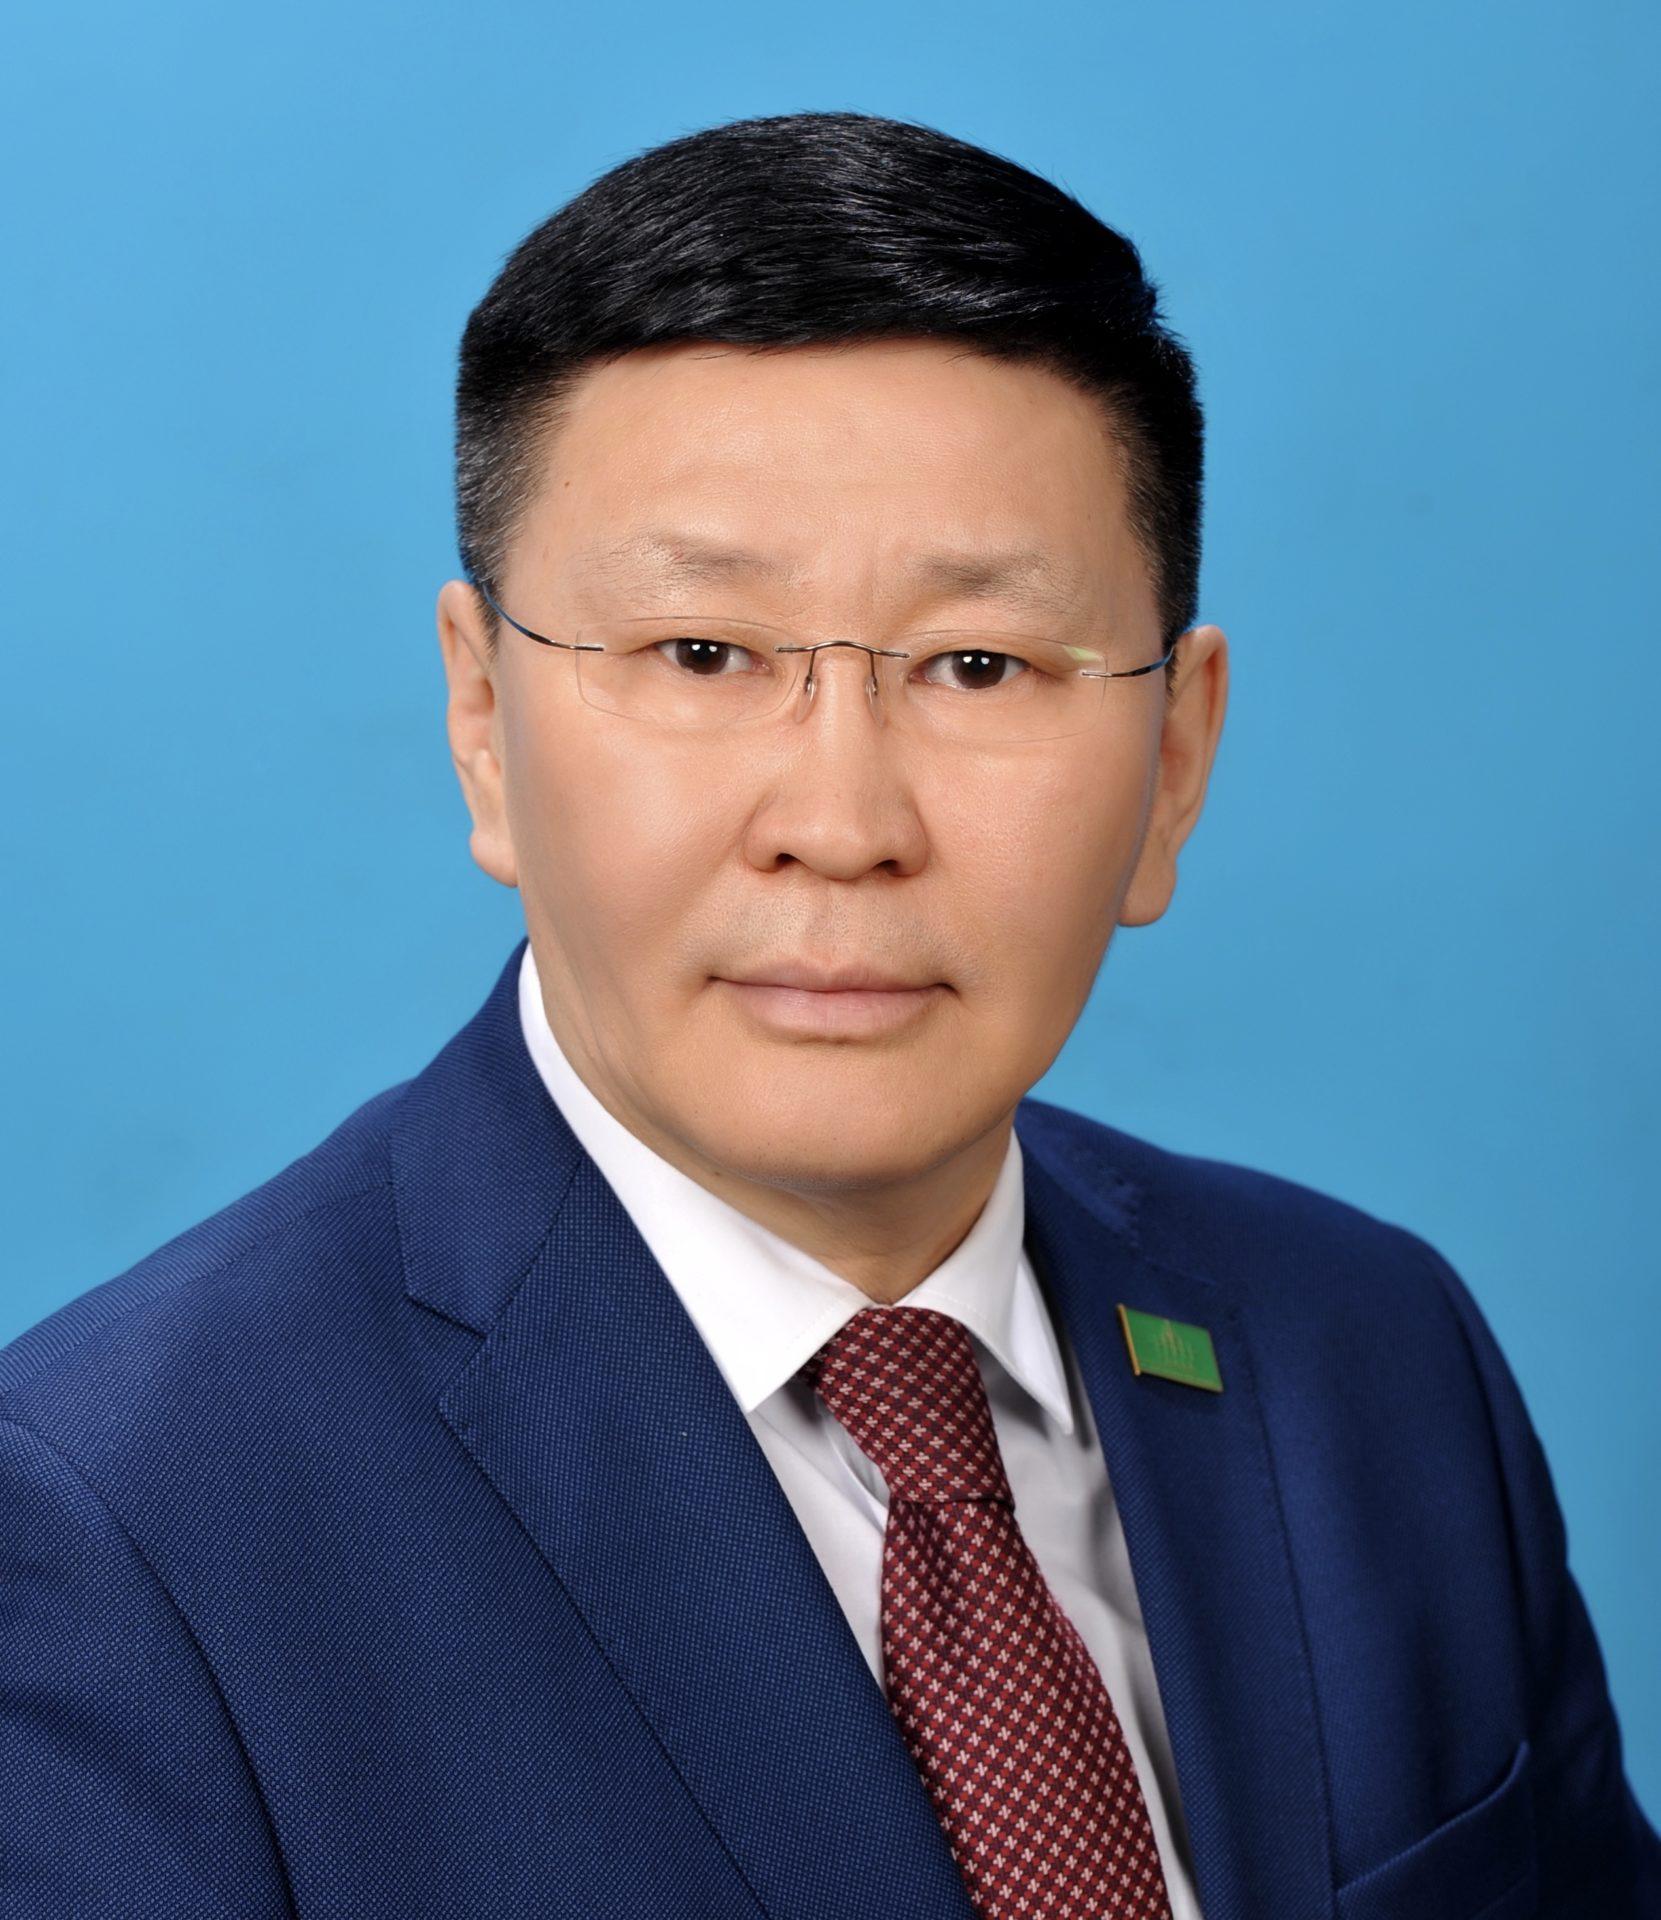 Указ нацелен на развитие качества жизни населения и экономического развития региона